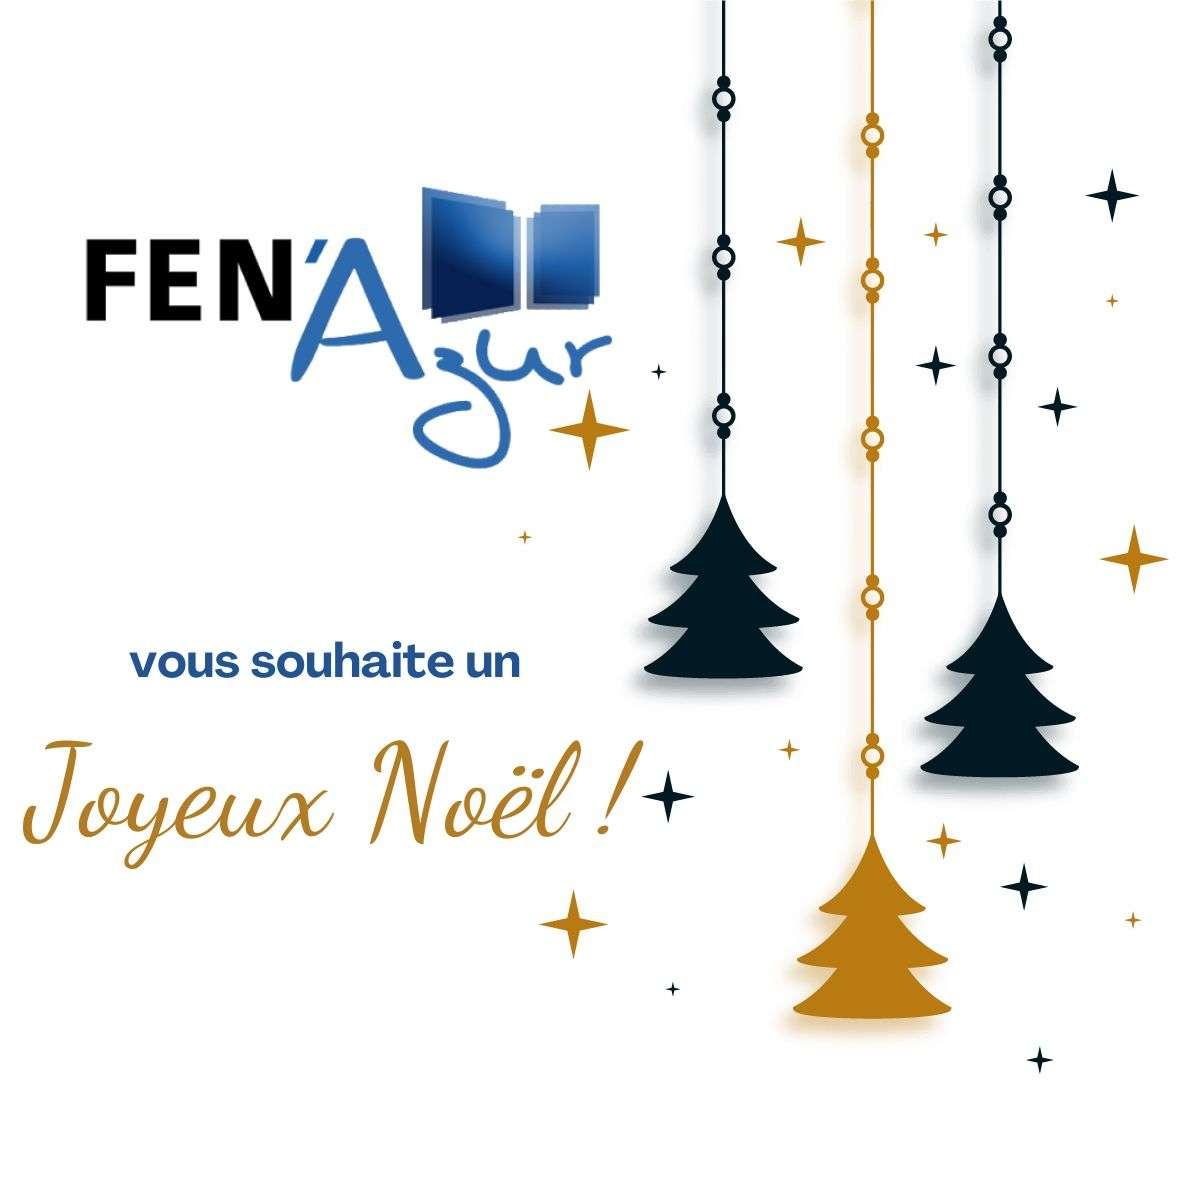 Fen Azur vous souhaite un joyeux Noël